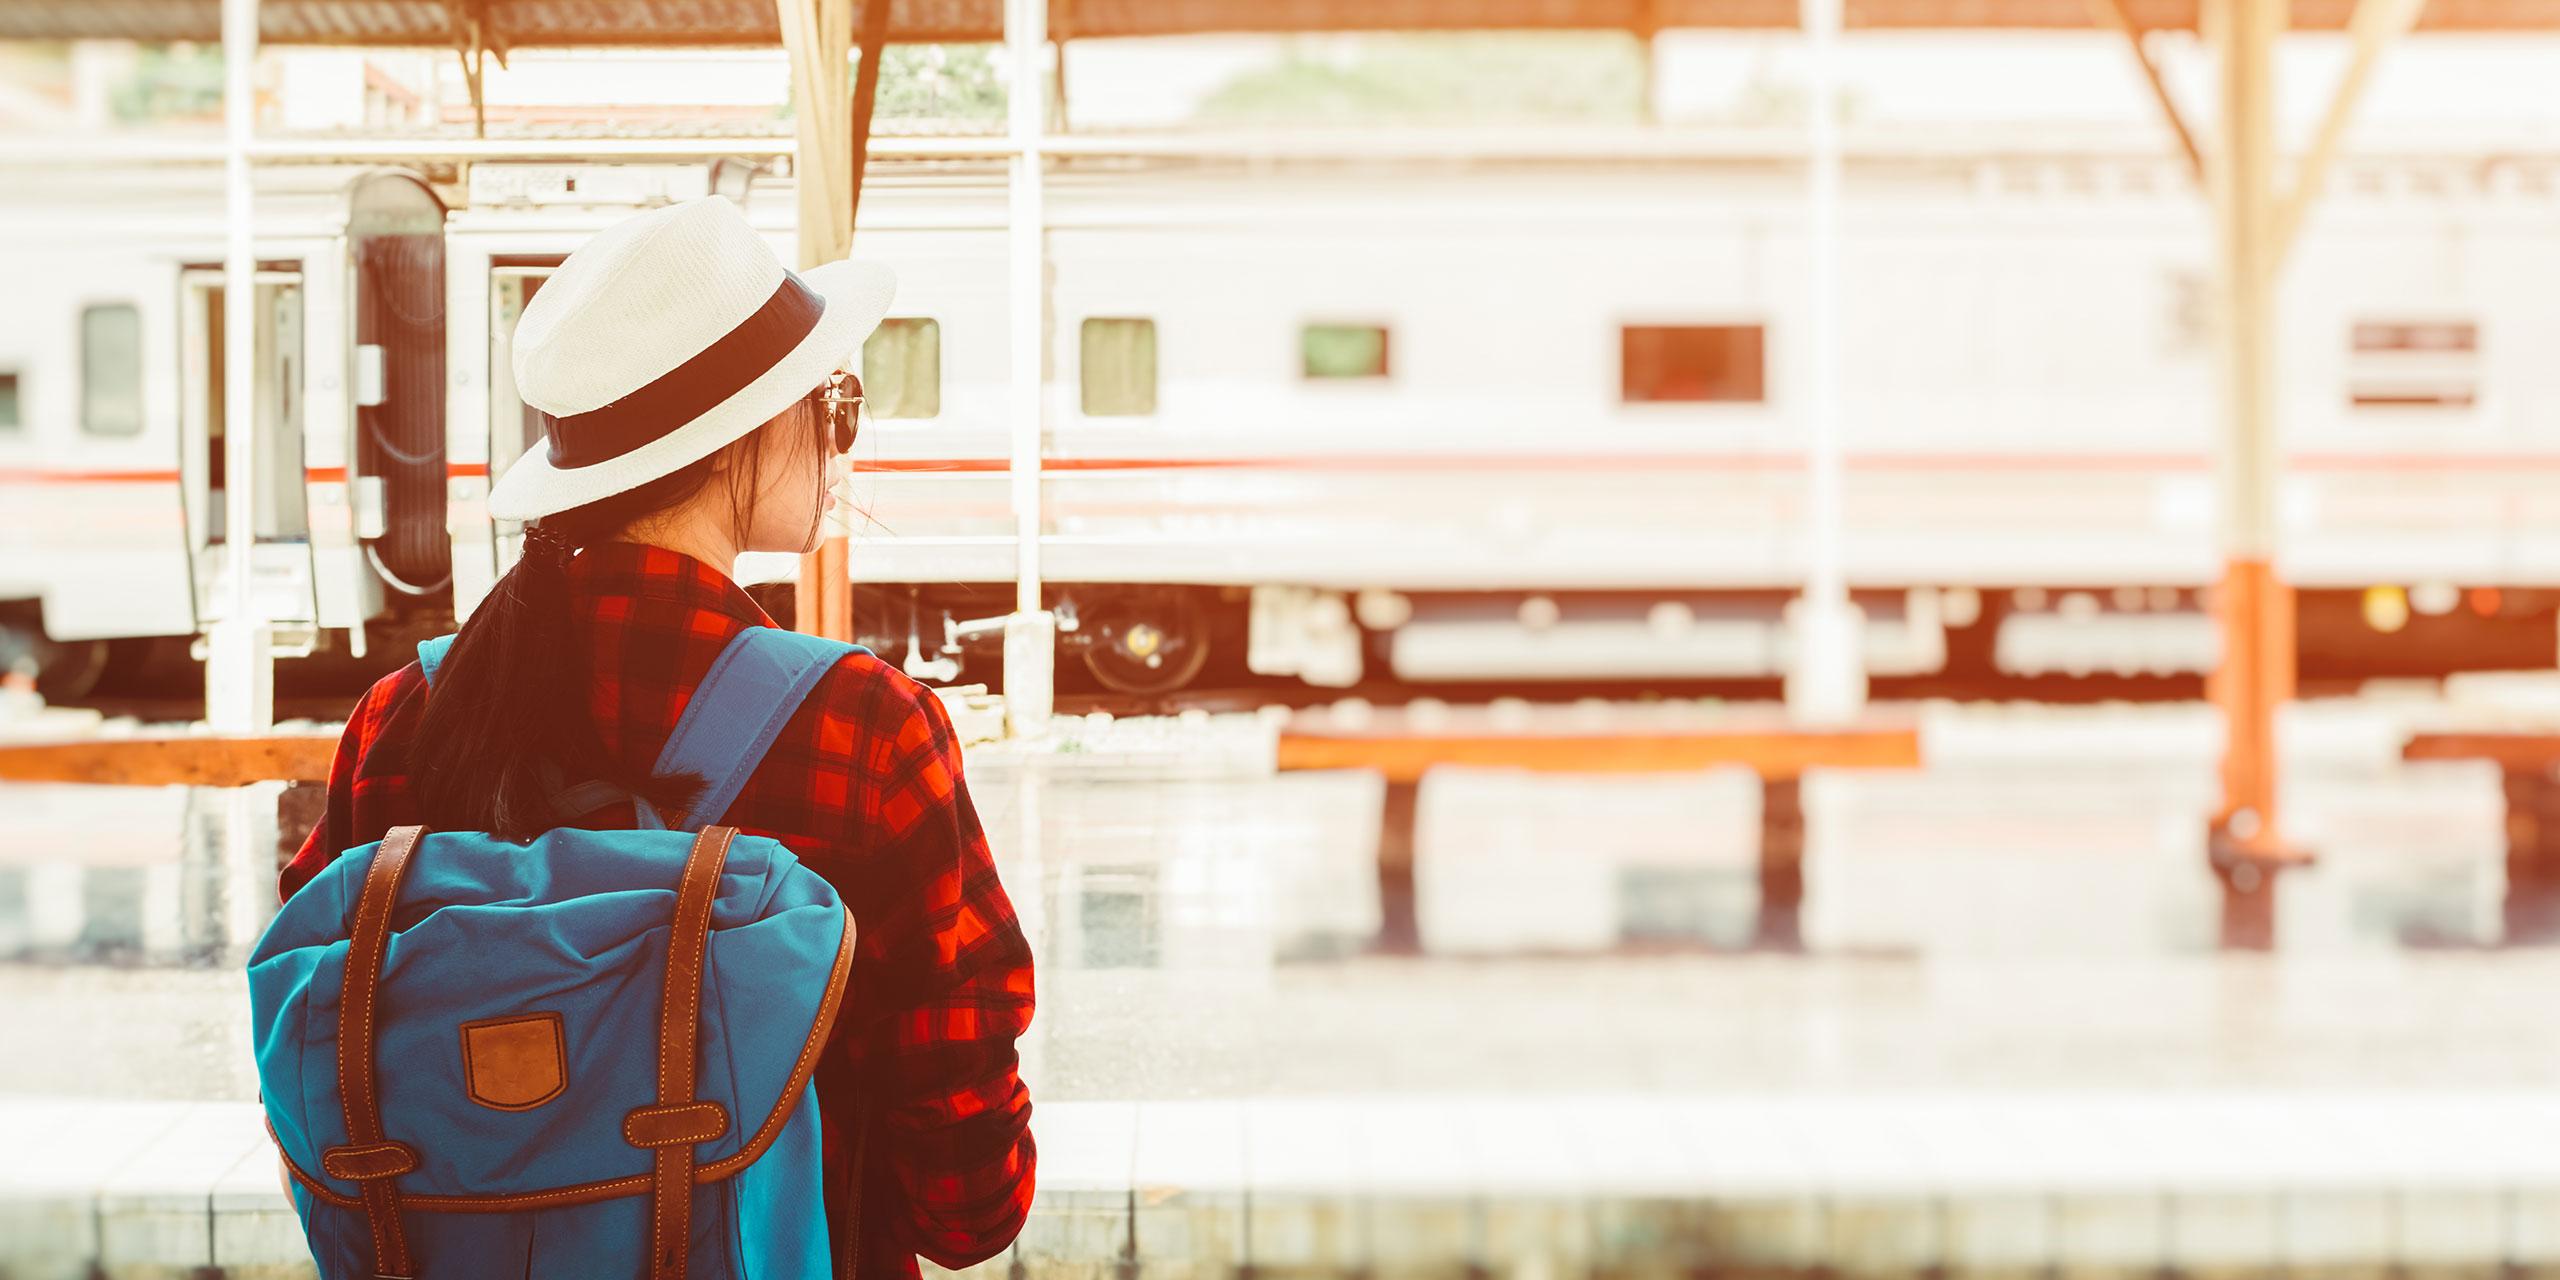 Teenage Girl Waiting for Train; Courtesy of Eakachai Leesin/Shutterstock.com